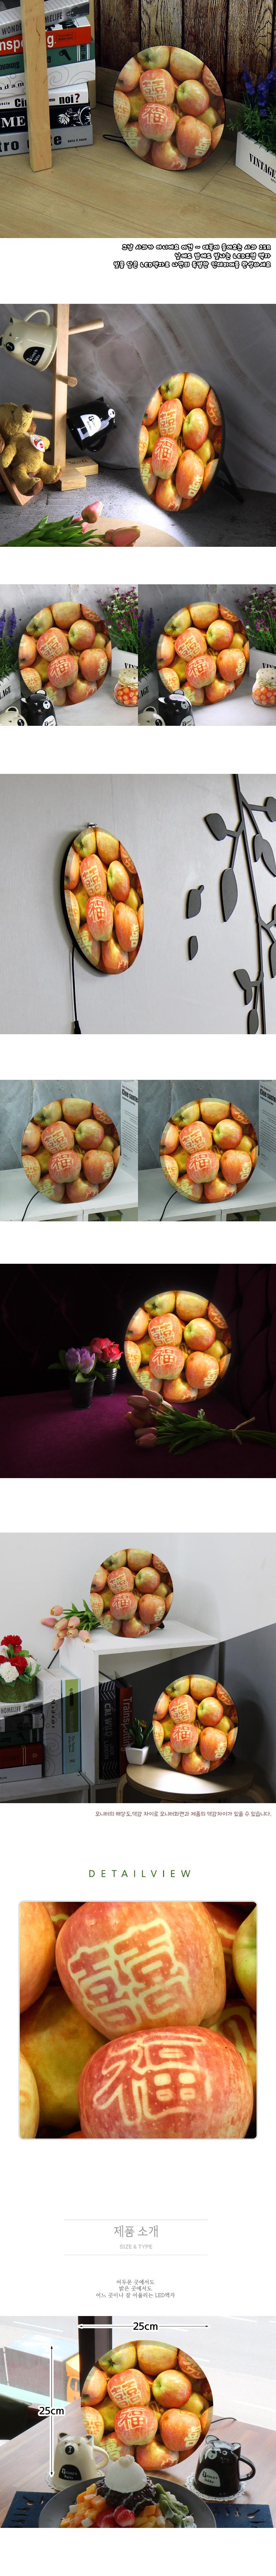 LED액자25R_대복이들어오는사과 - 꾸밈, 48,000원, 포인트조명, 터치조명